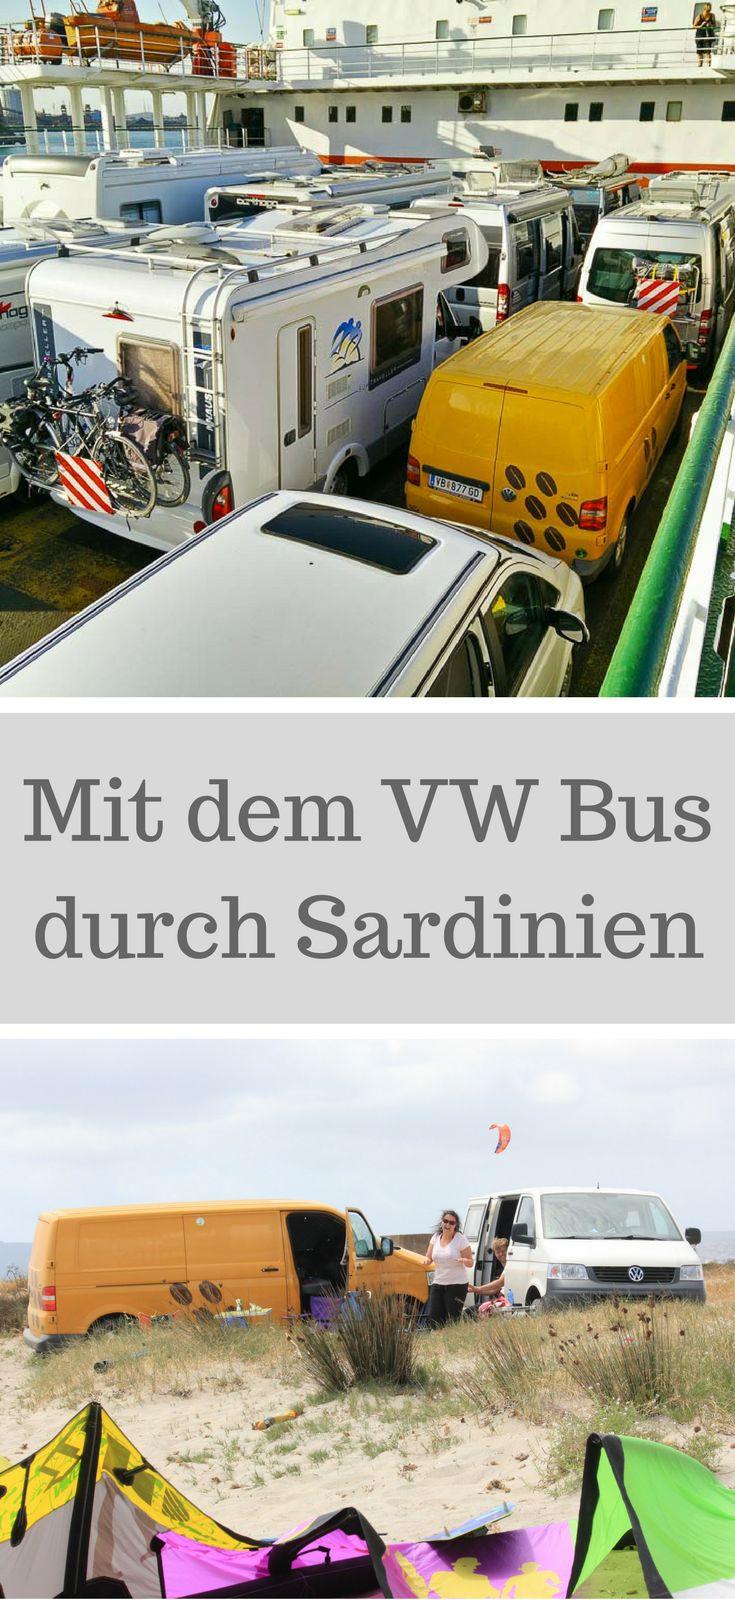 Du willst mit deinem VW Bus durch Sardinien fahren und suchst nach Tipps und Tricks um deinen Roadtrip noch besser zu machen. Dieser Artikel ist absolut richtig für dich reinlesen und  ab auf die Insel. #vwbus #roadtrip #bulli